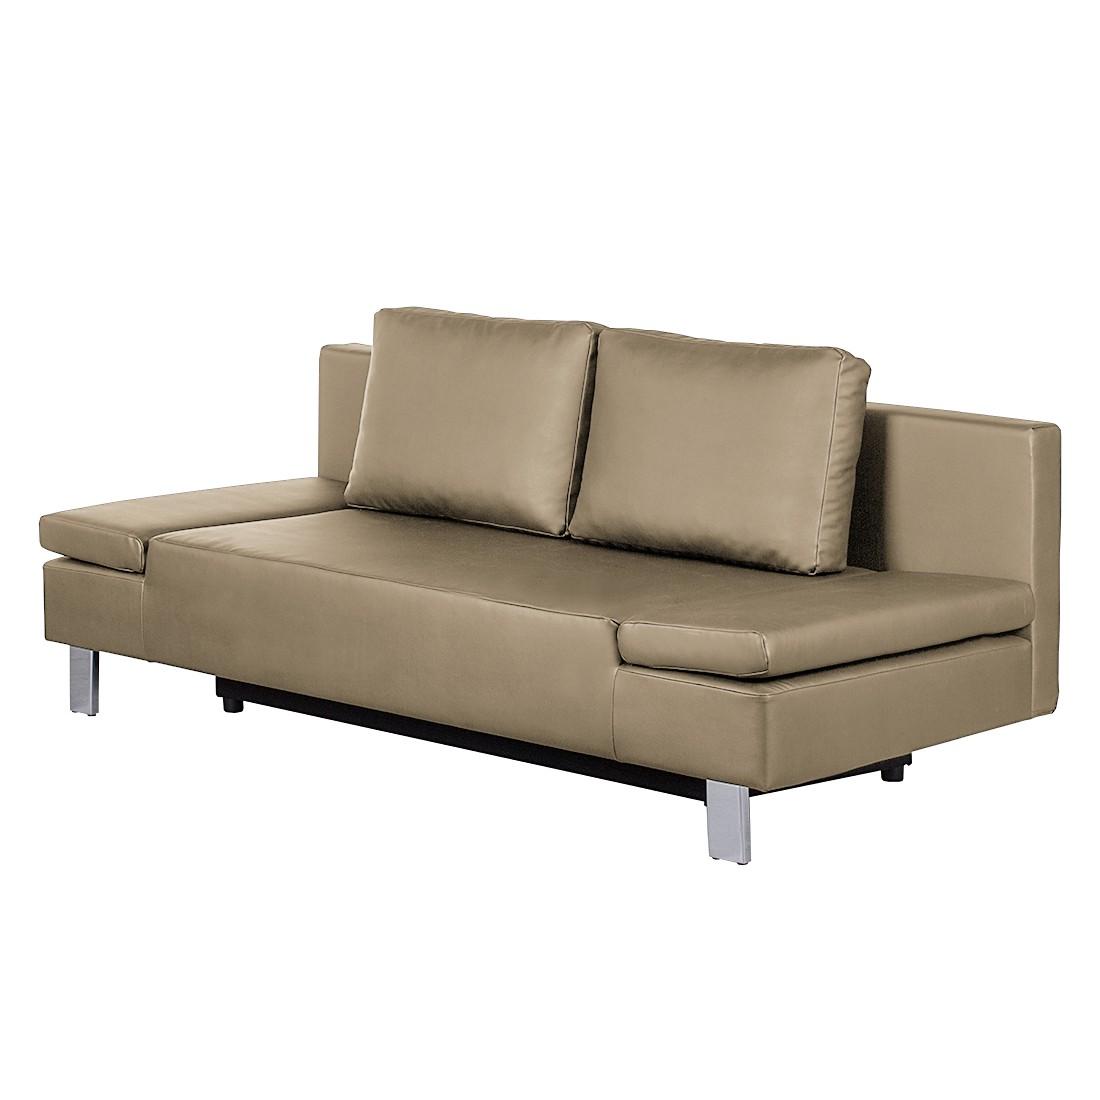 schlafsofa dreamstar kunstleder wei roomscape online kaufen. Black Bedroom Furniture Sets. Home Design Ideas